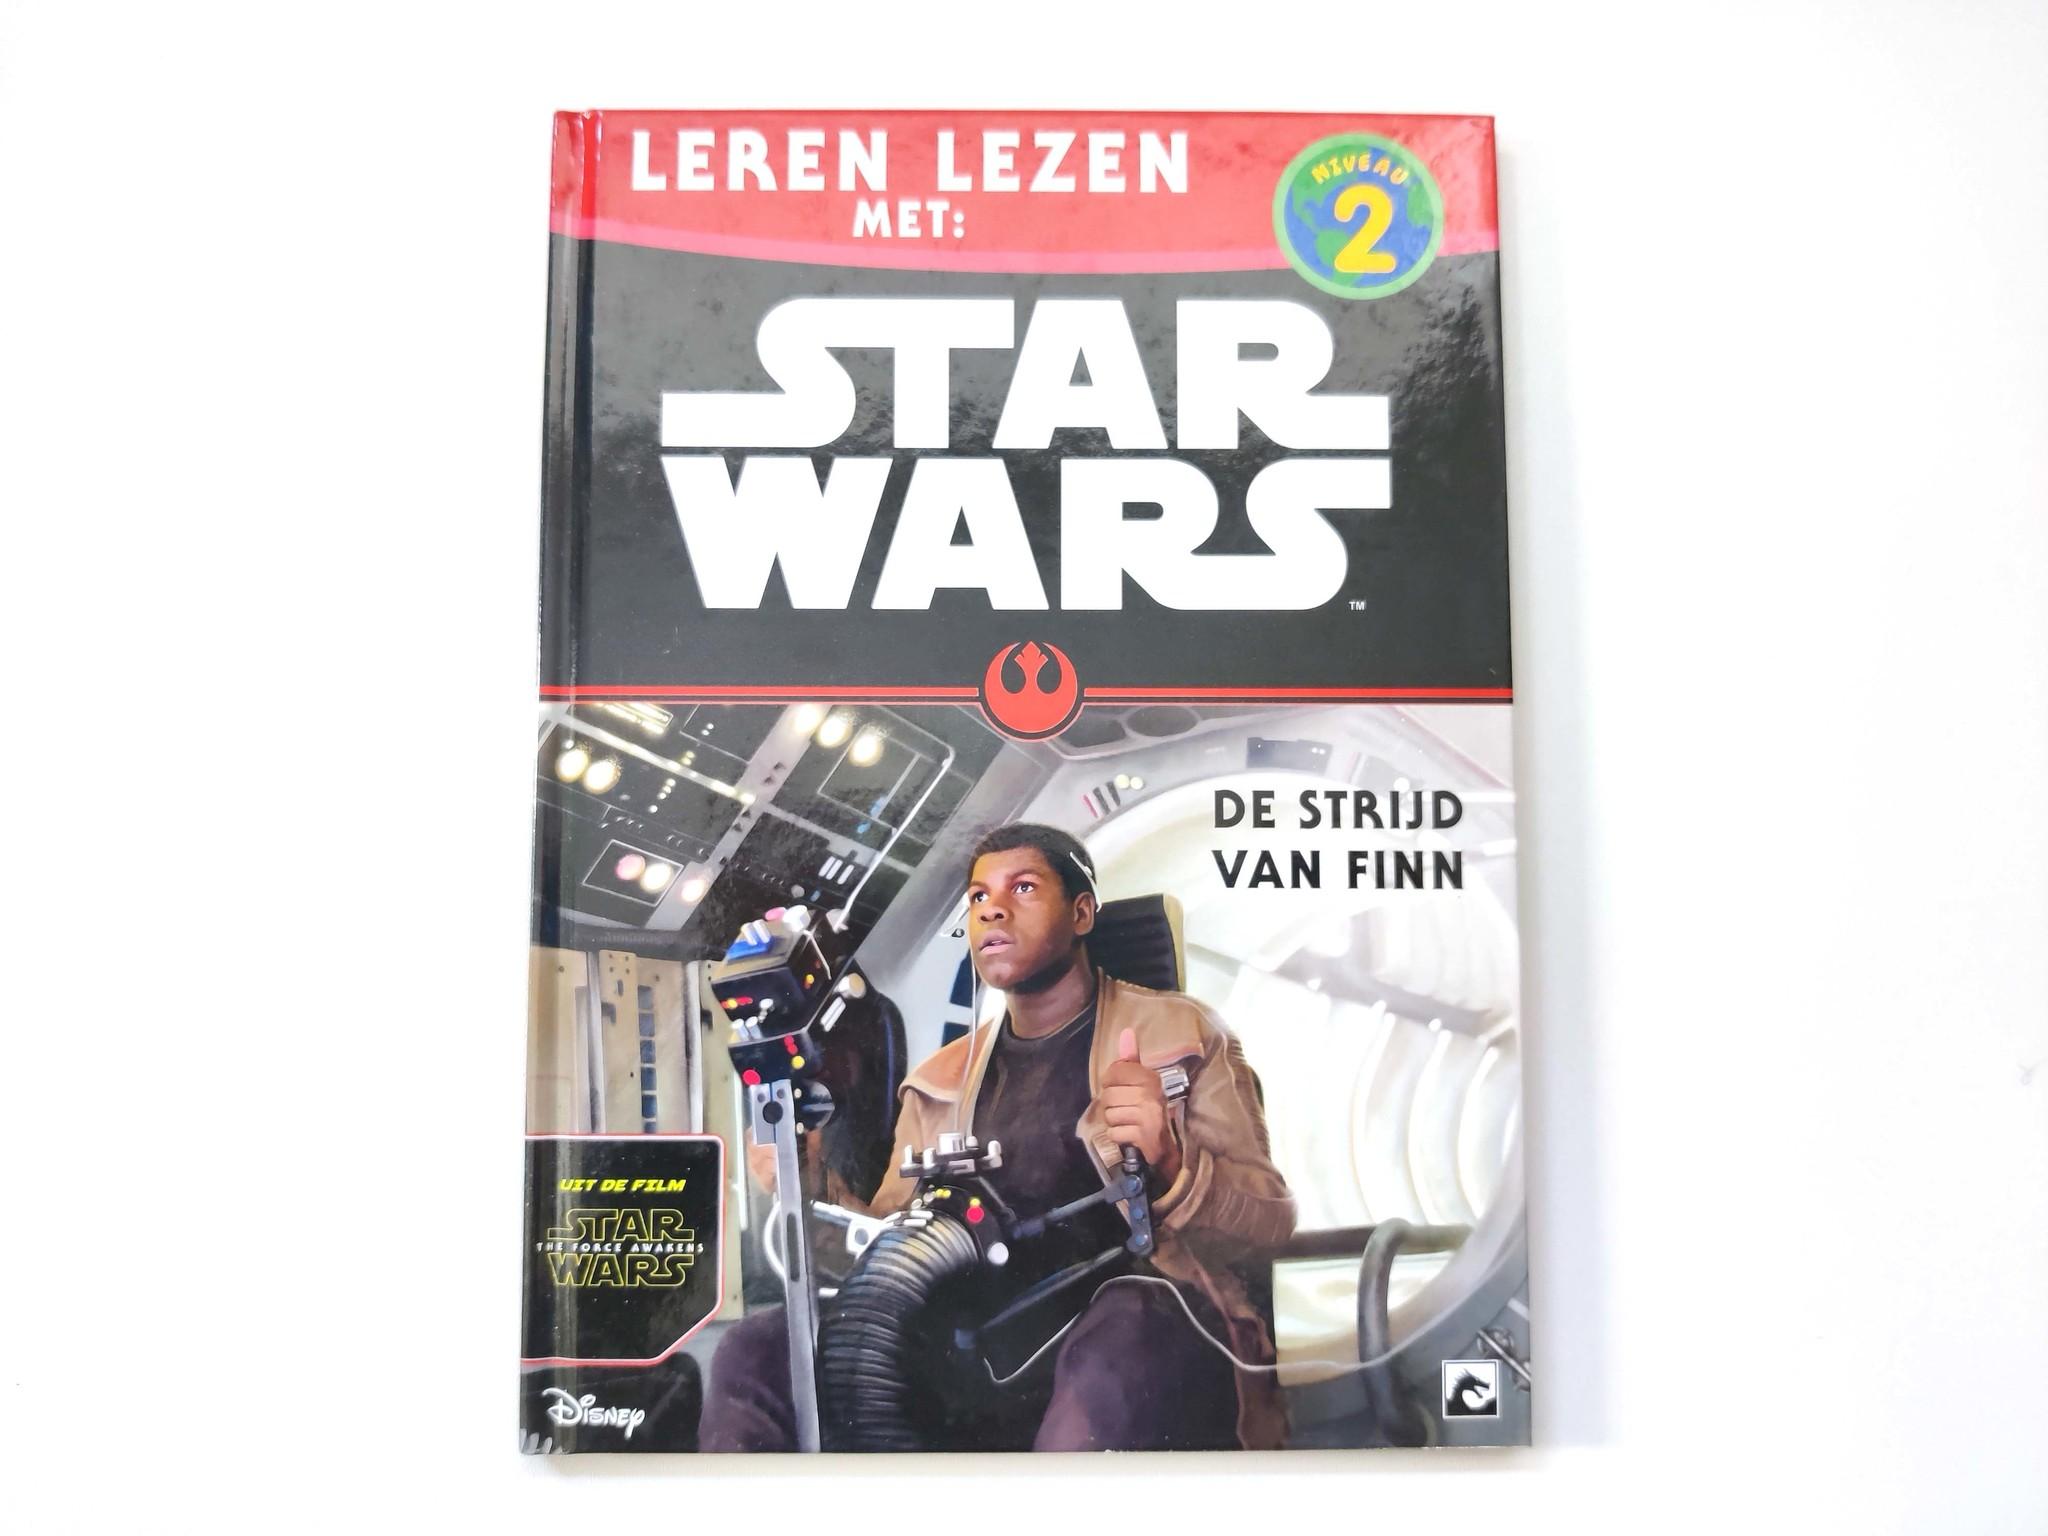 Leren lezen met Star Wars: de strijd van Finn-1